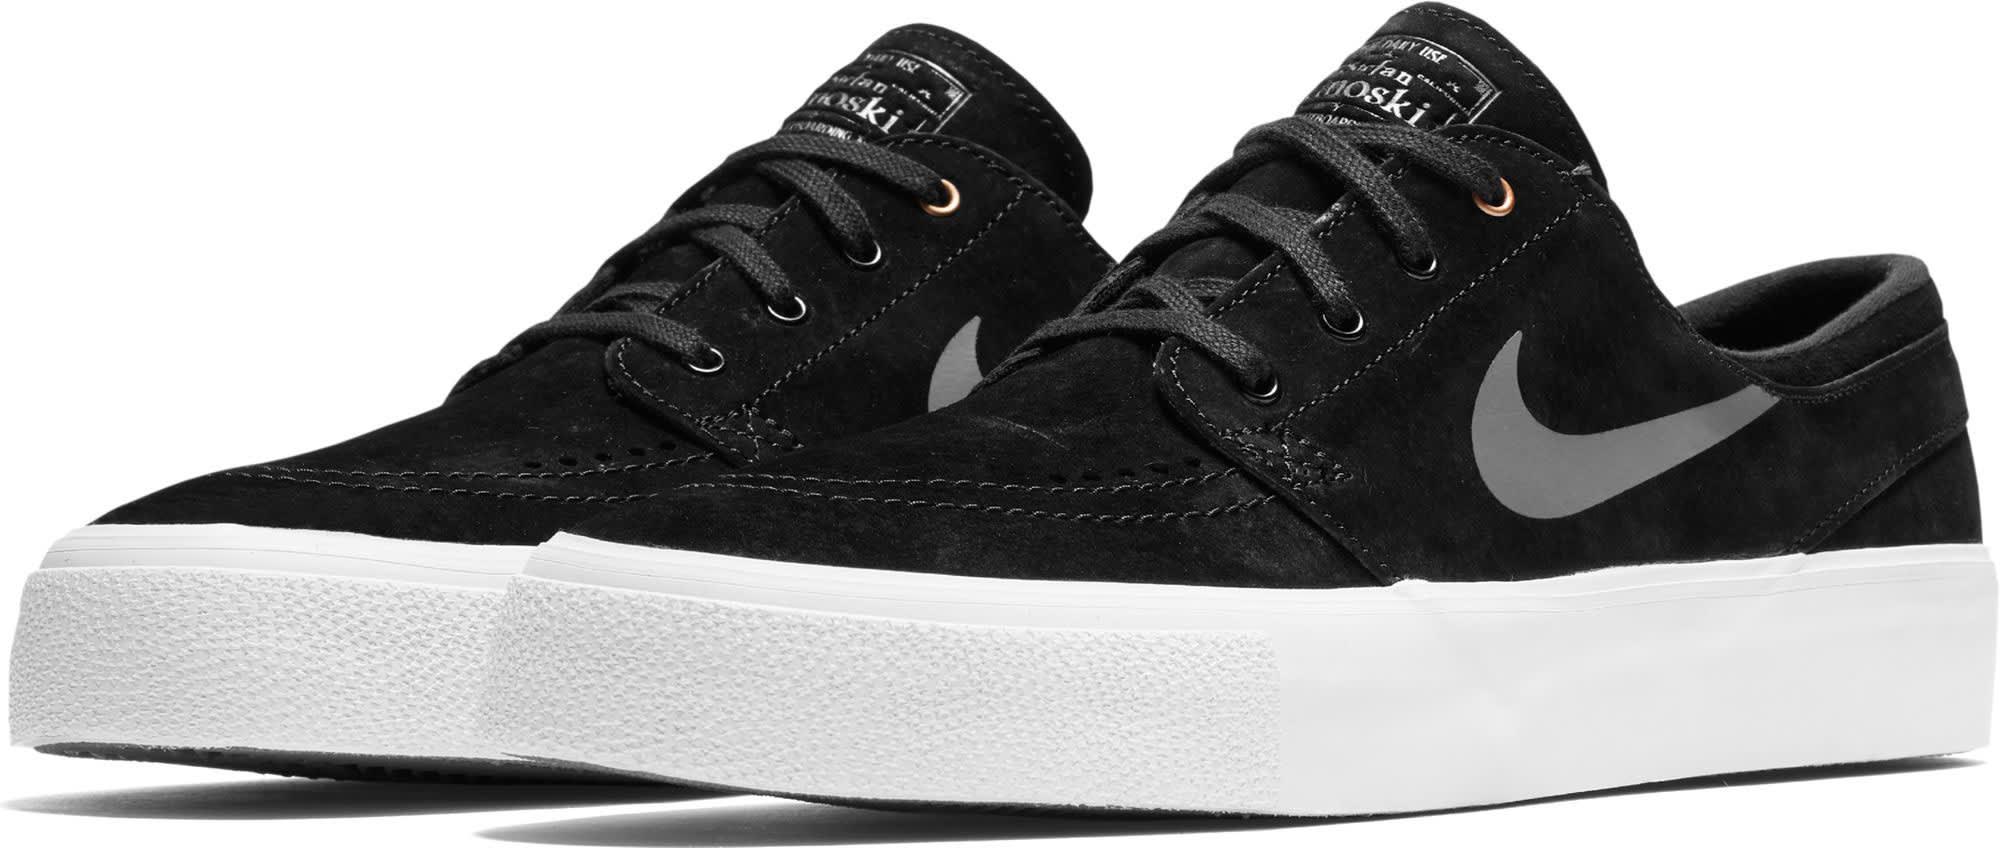 3459e47538f2 Nike SB Zoom Janoski HT Skate Shoes - thumbnail 3